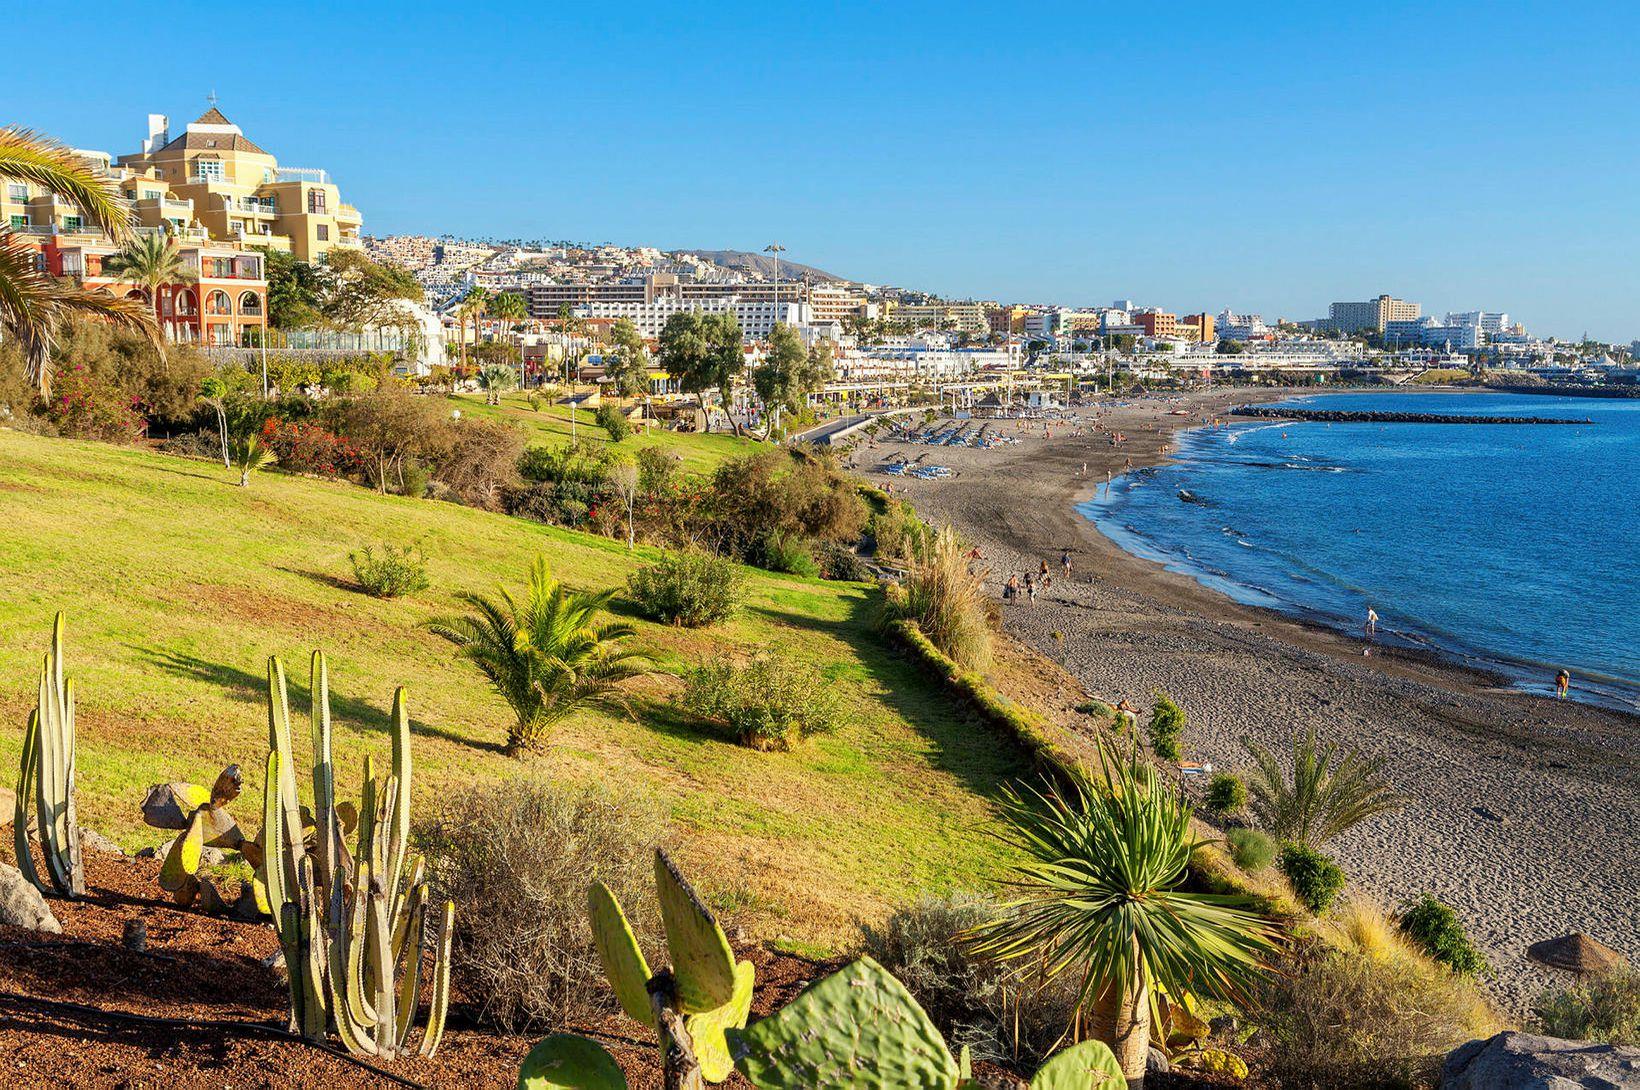 Reglur hertar á Tenerife